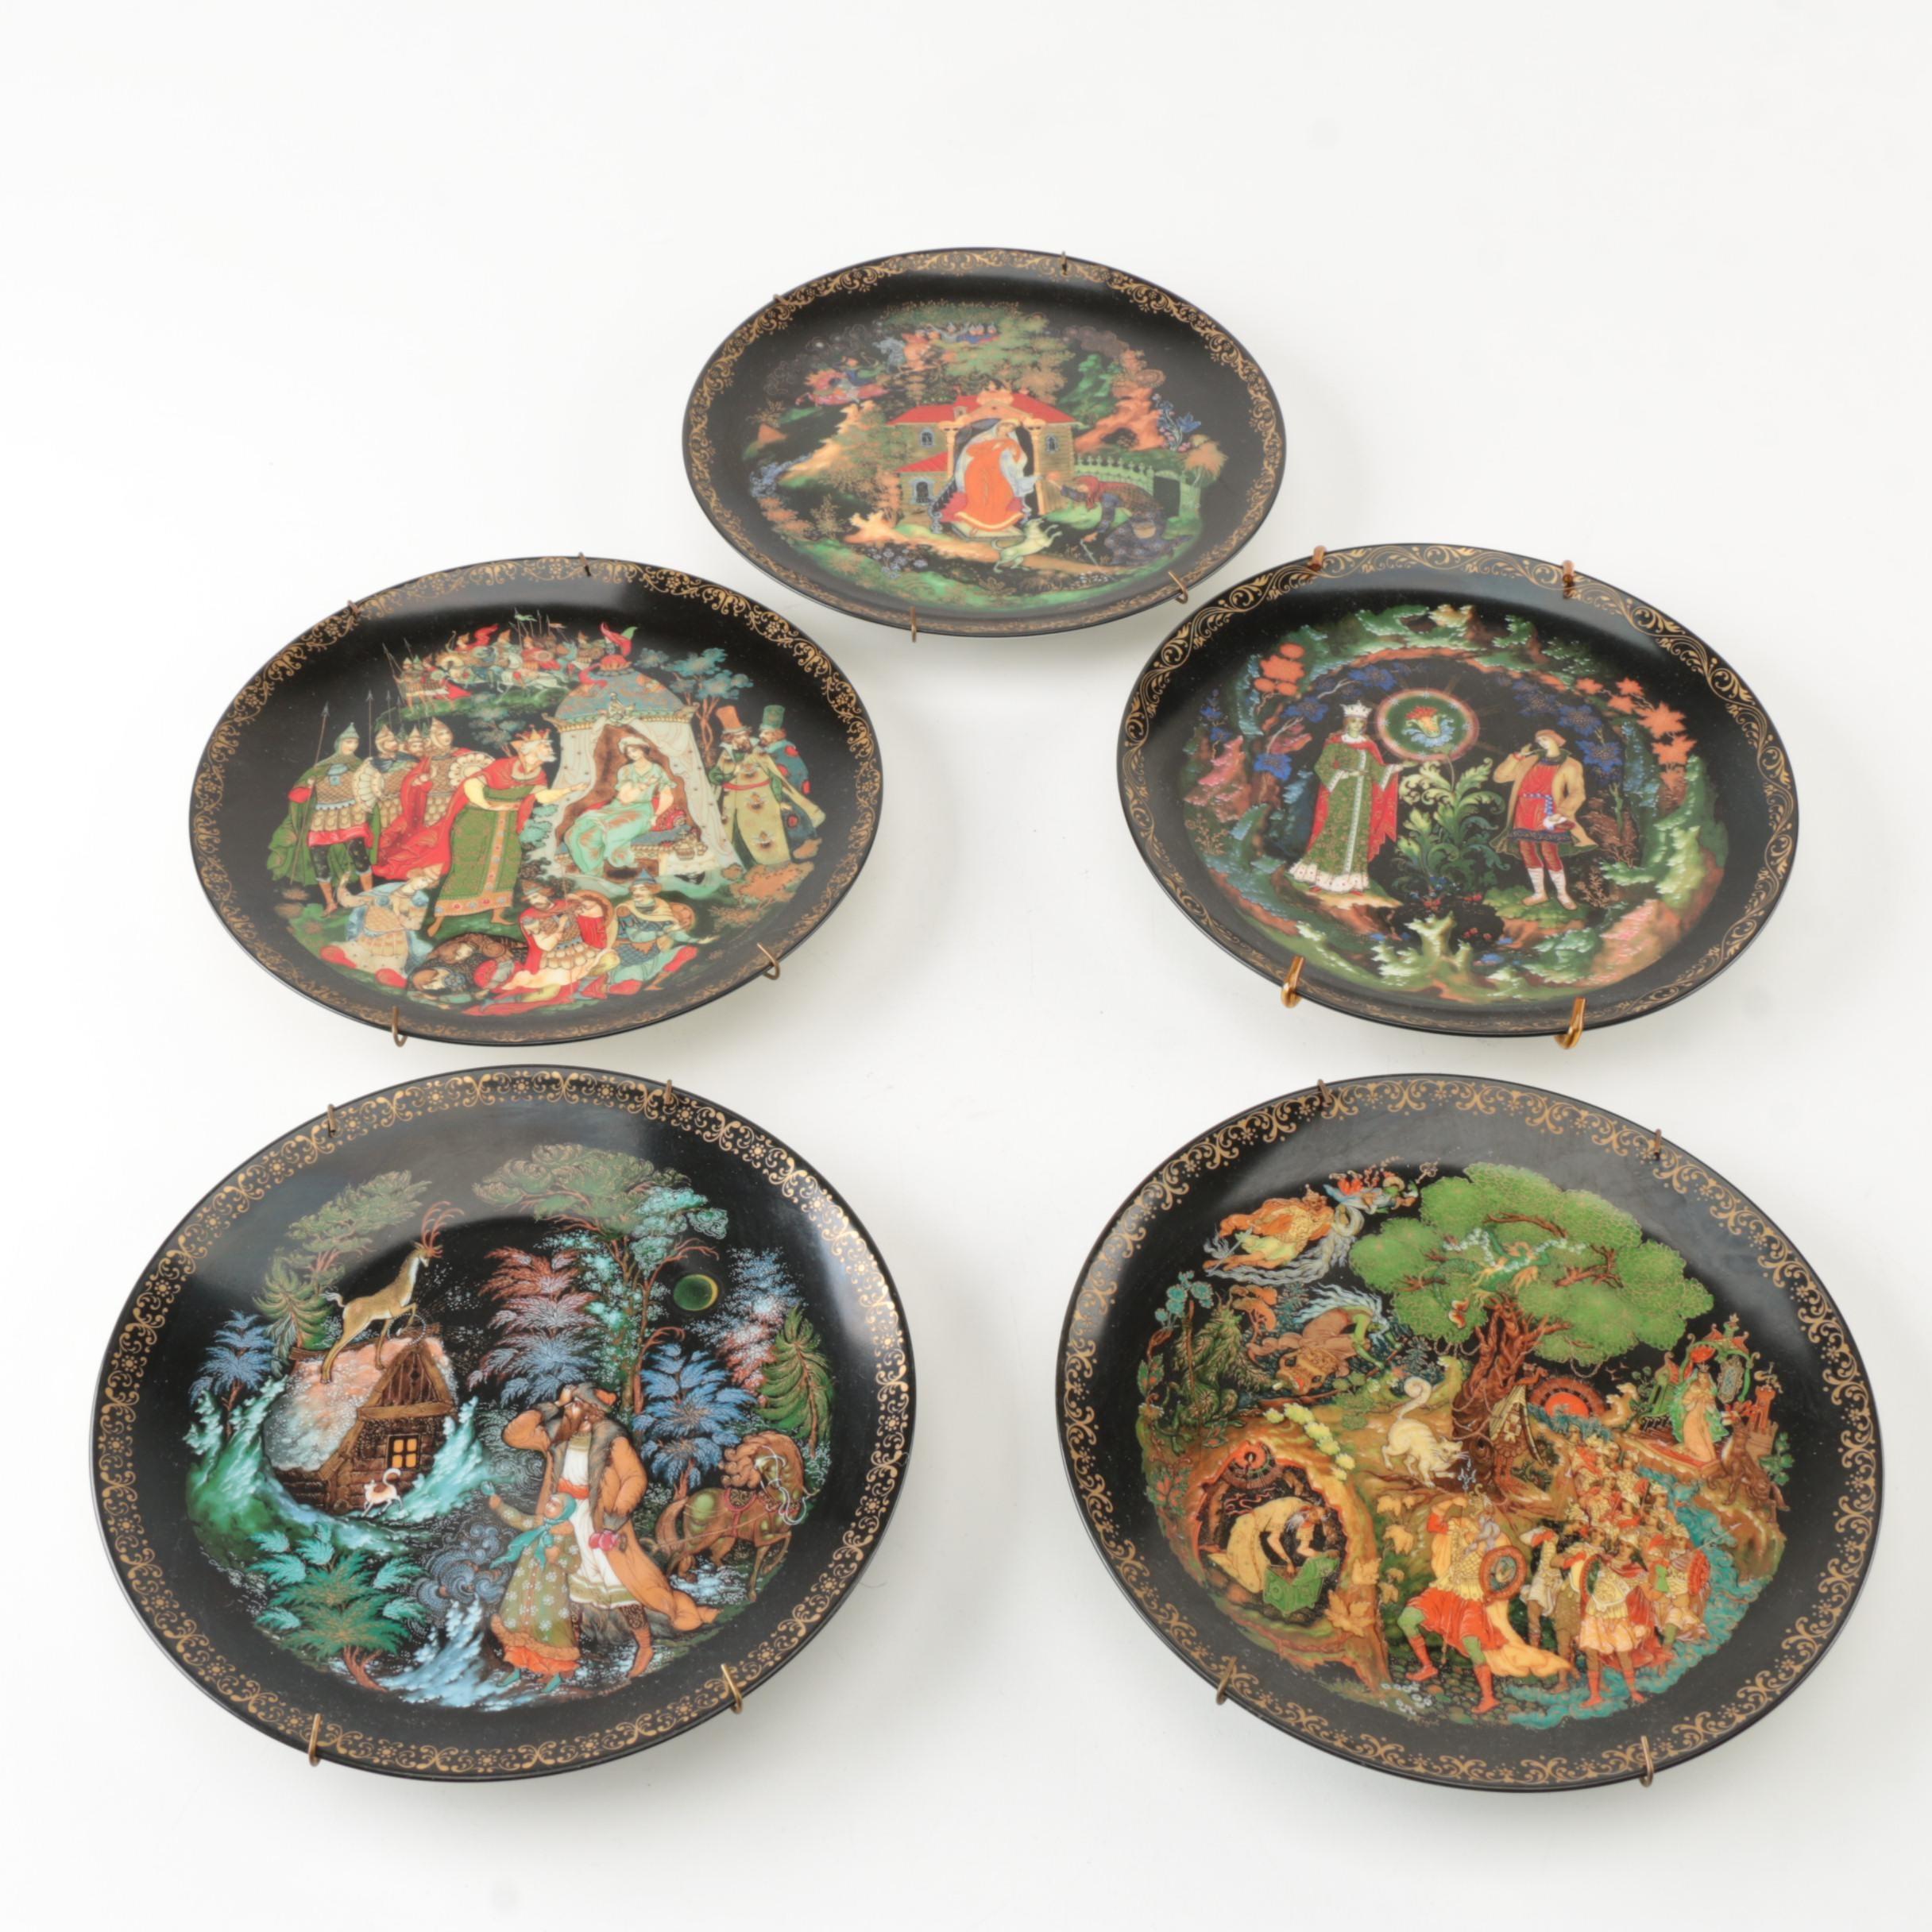 Vintage Tianex Porcelain Collector's Plates